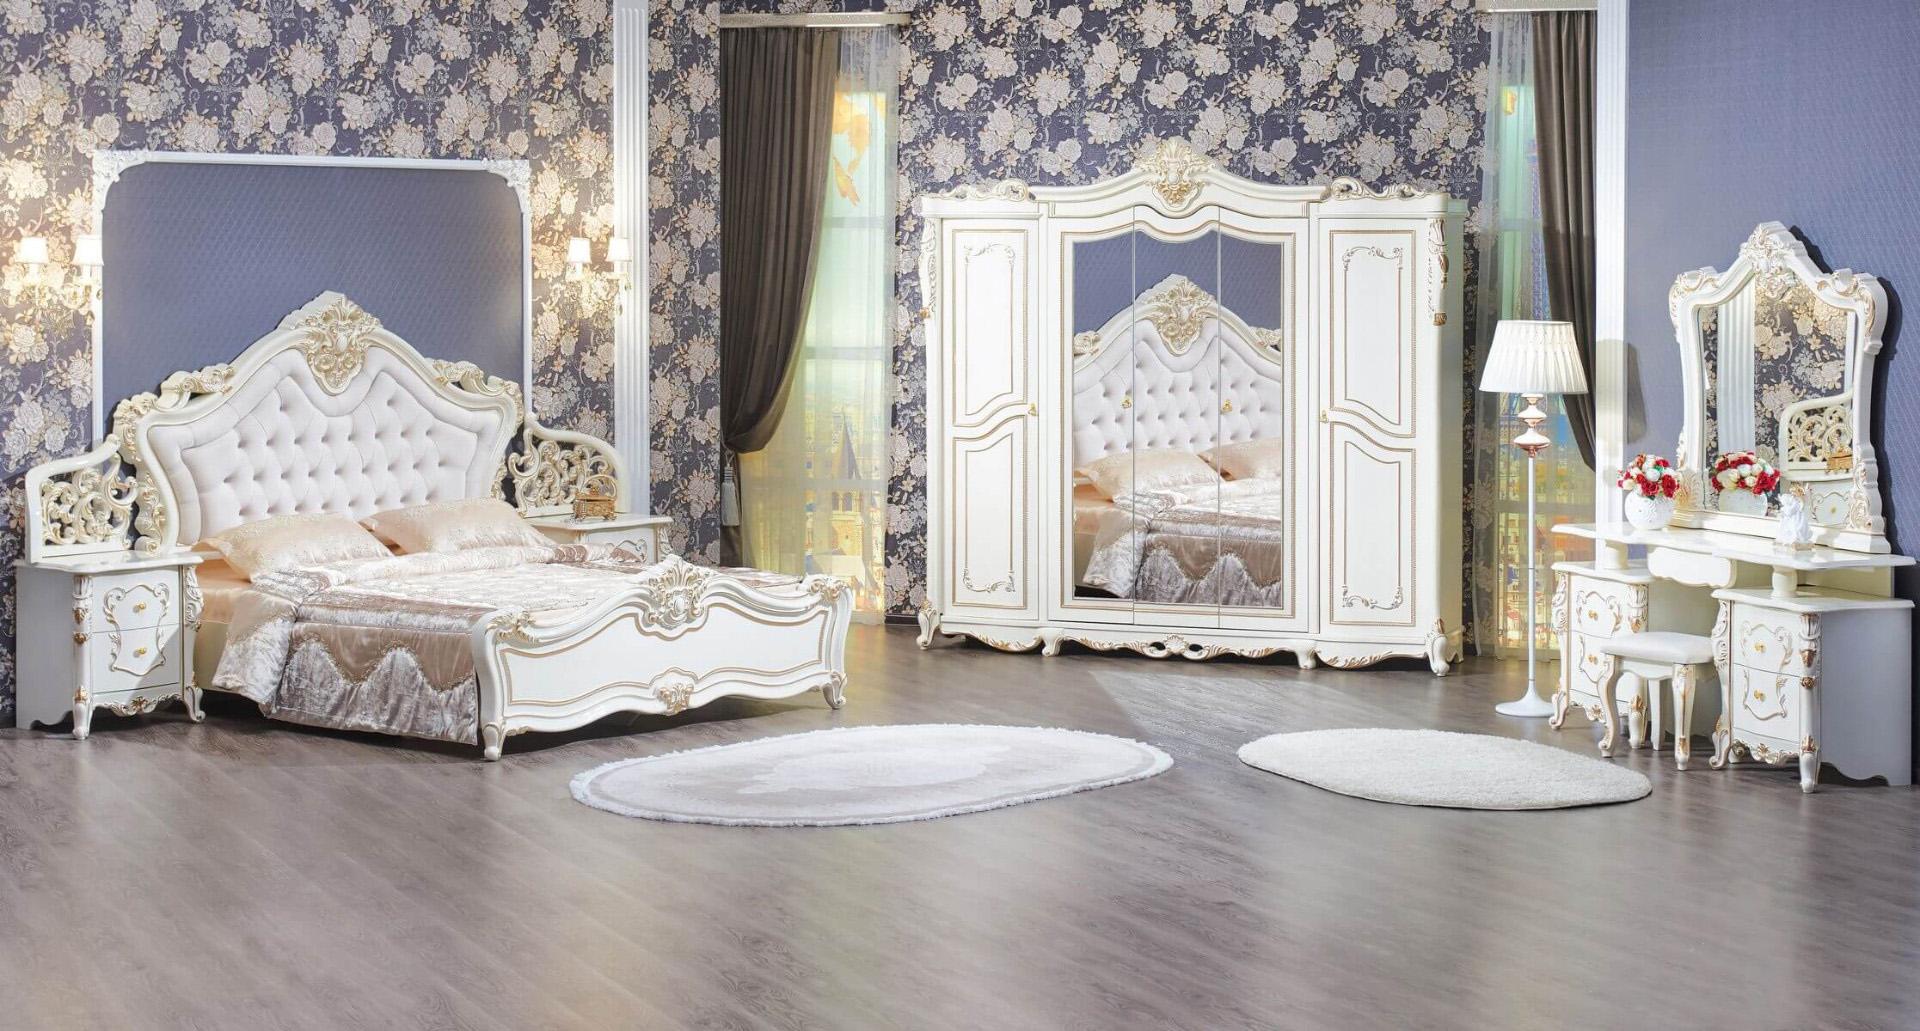 Спальня в длинной узкой комнате фото мем